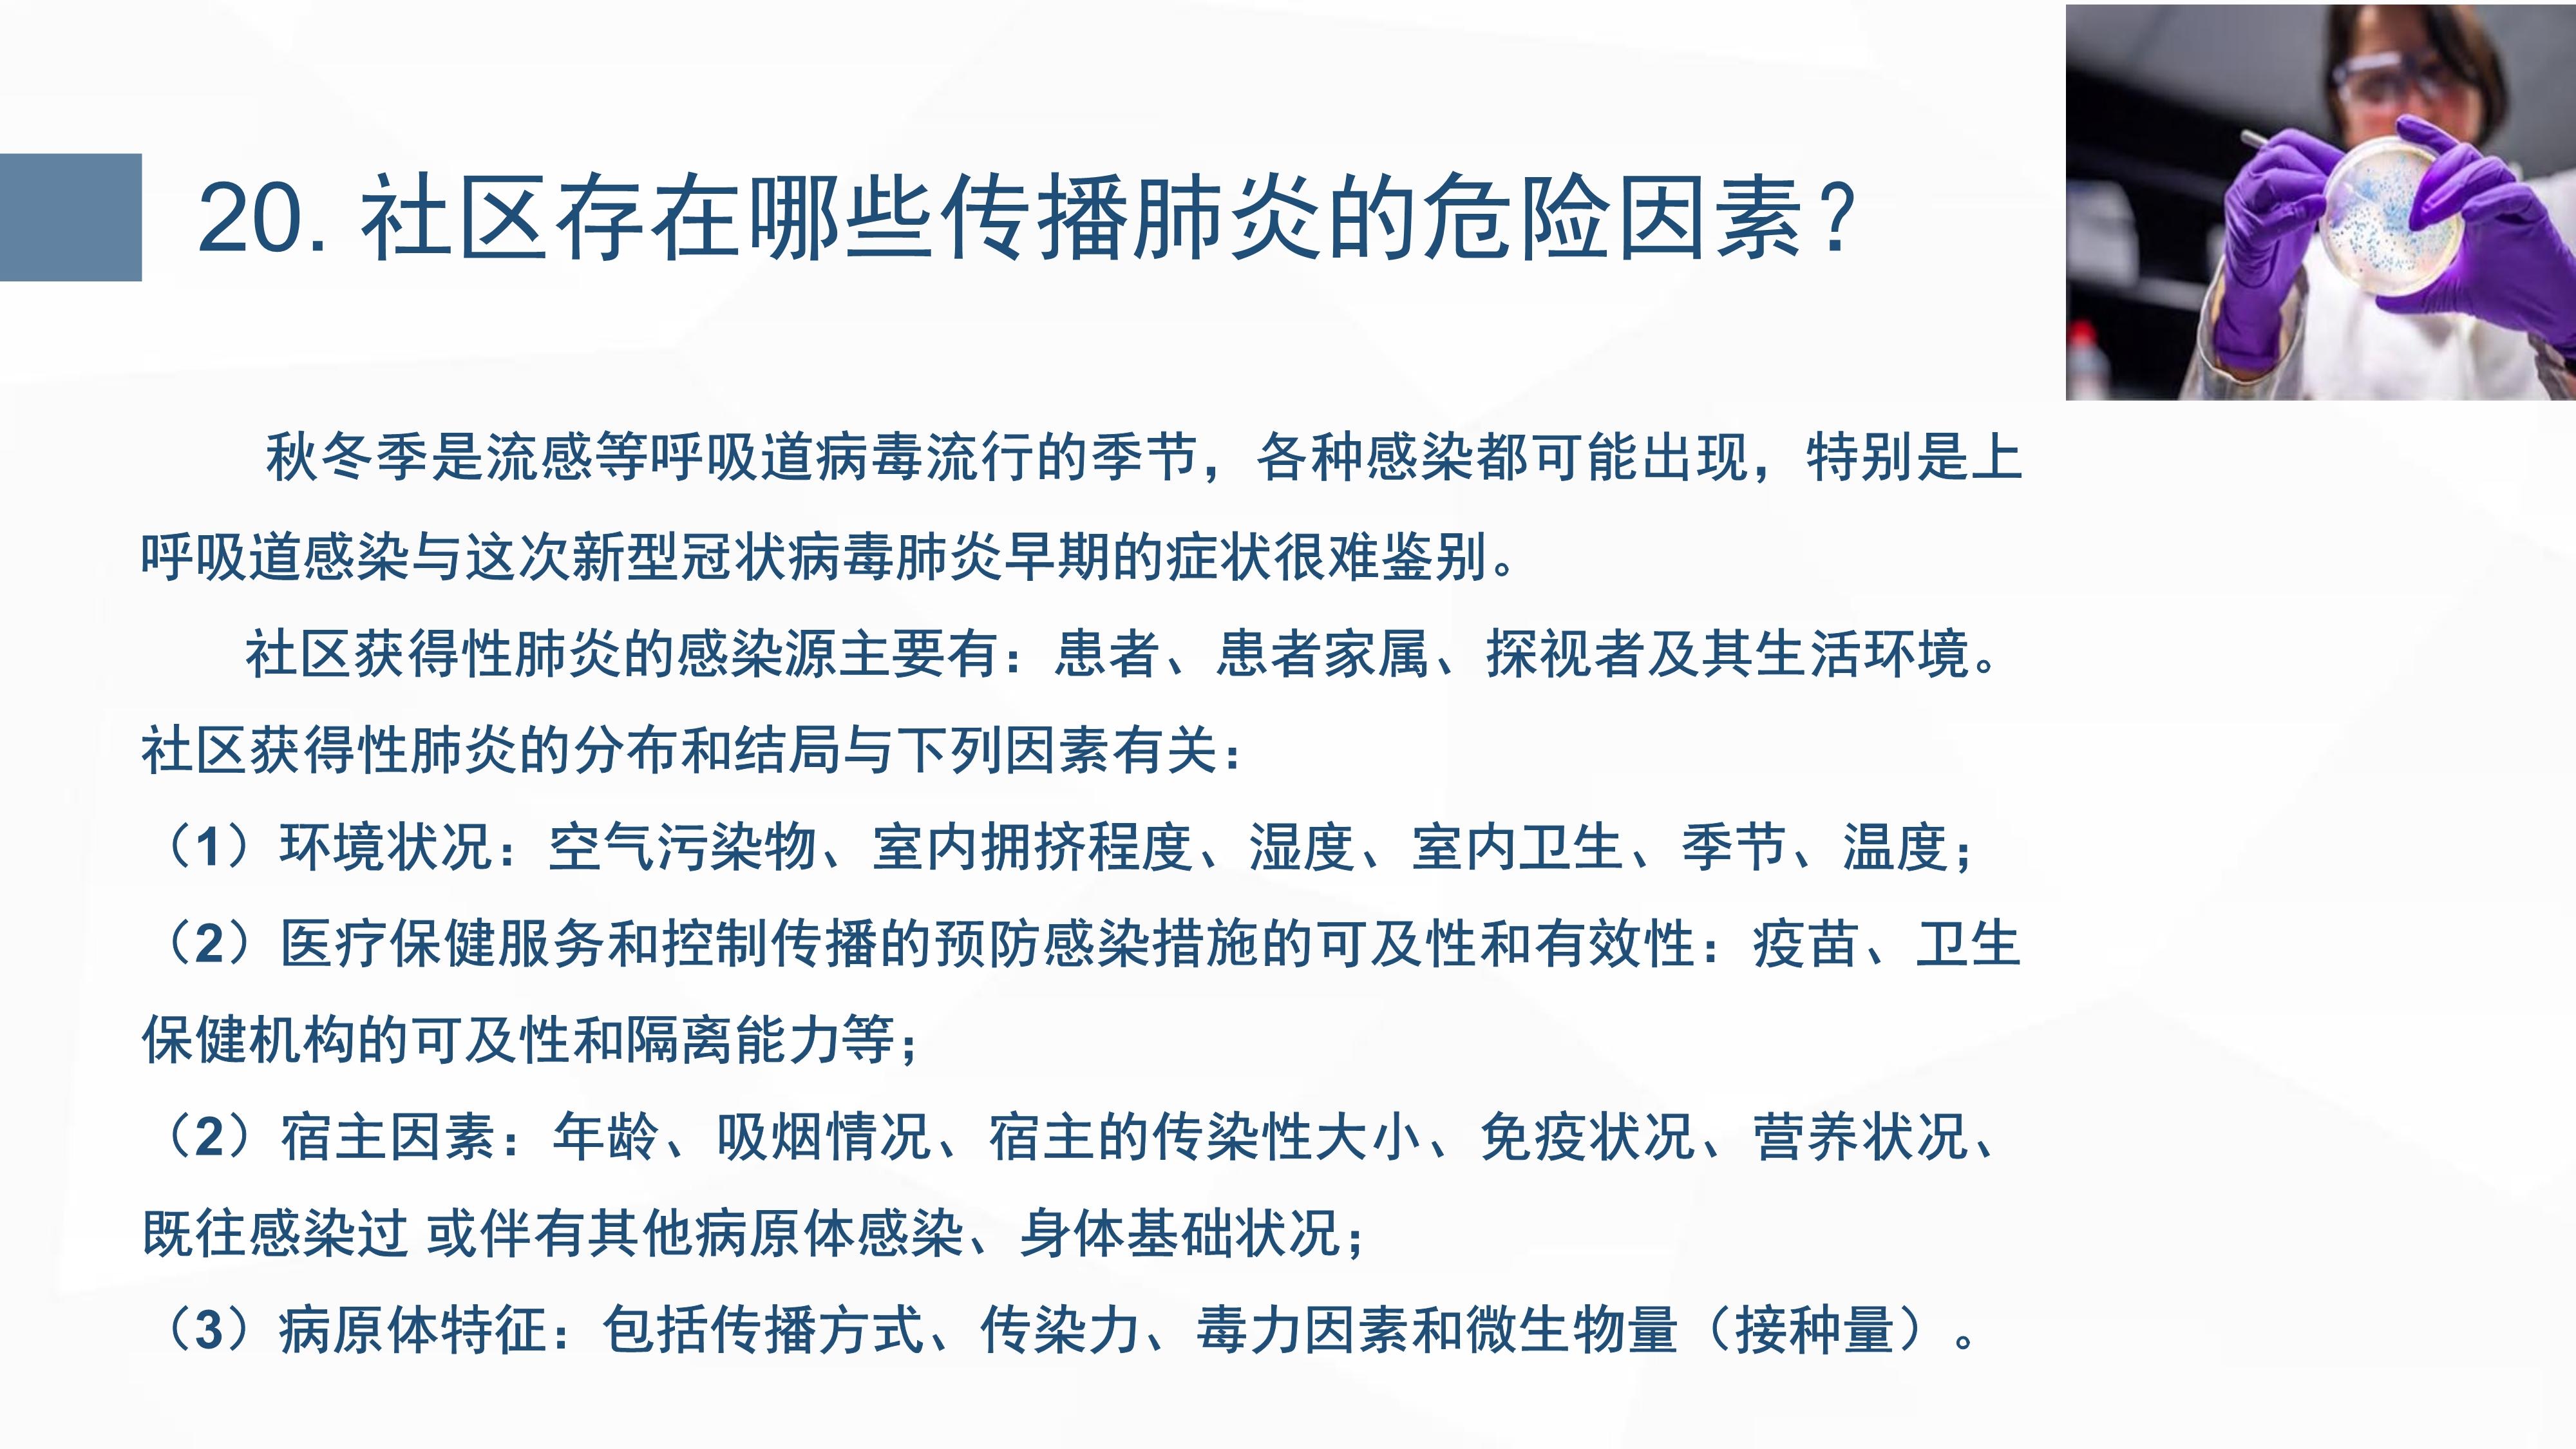 新型冠状病毒肺炎预防手册_27